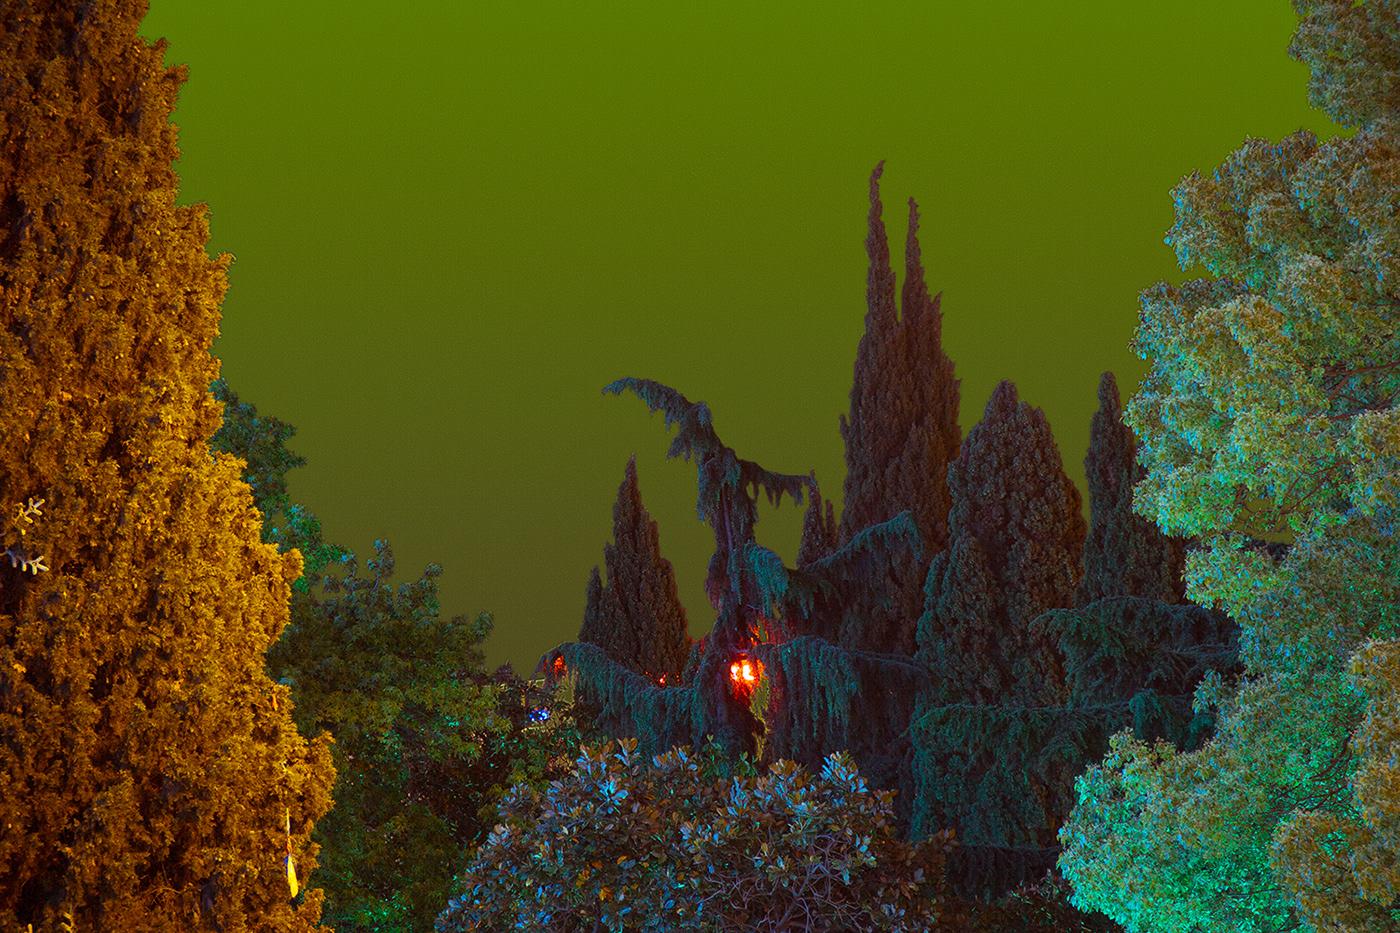 Фото В лесу среди деревьев и елок горит огонь, by Local Preacher